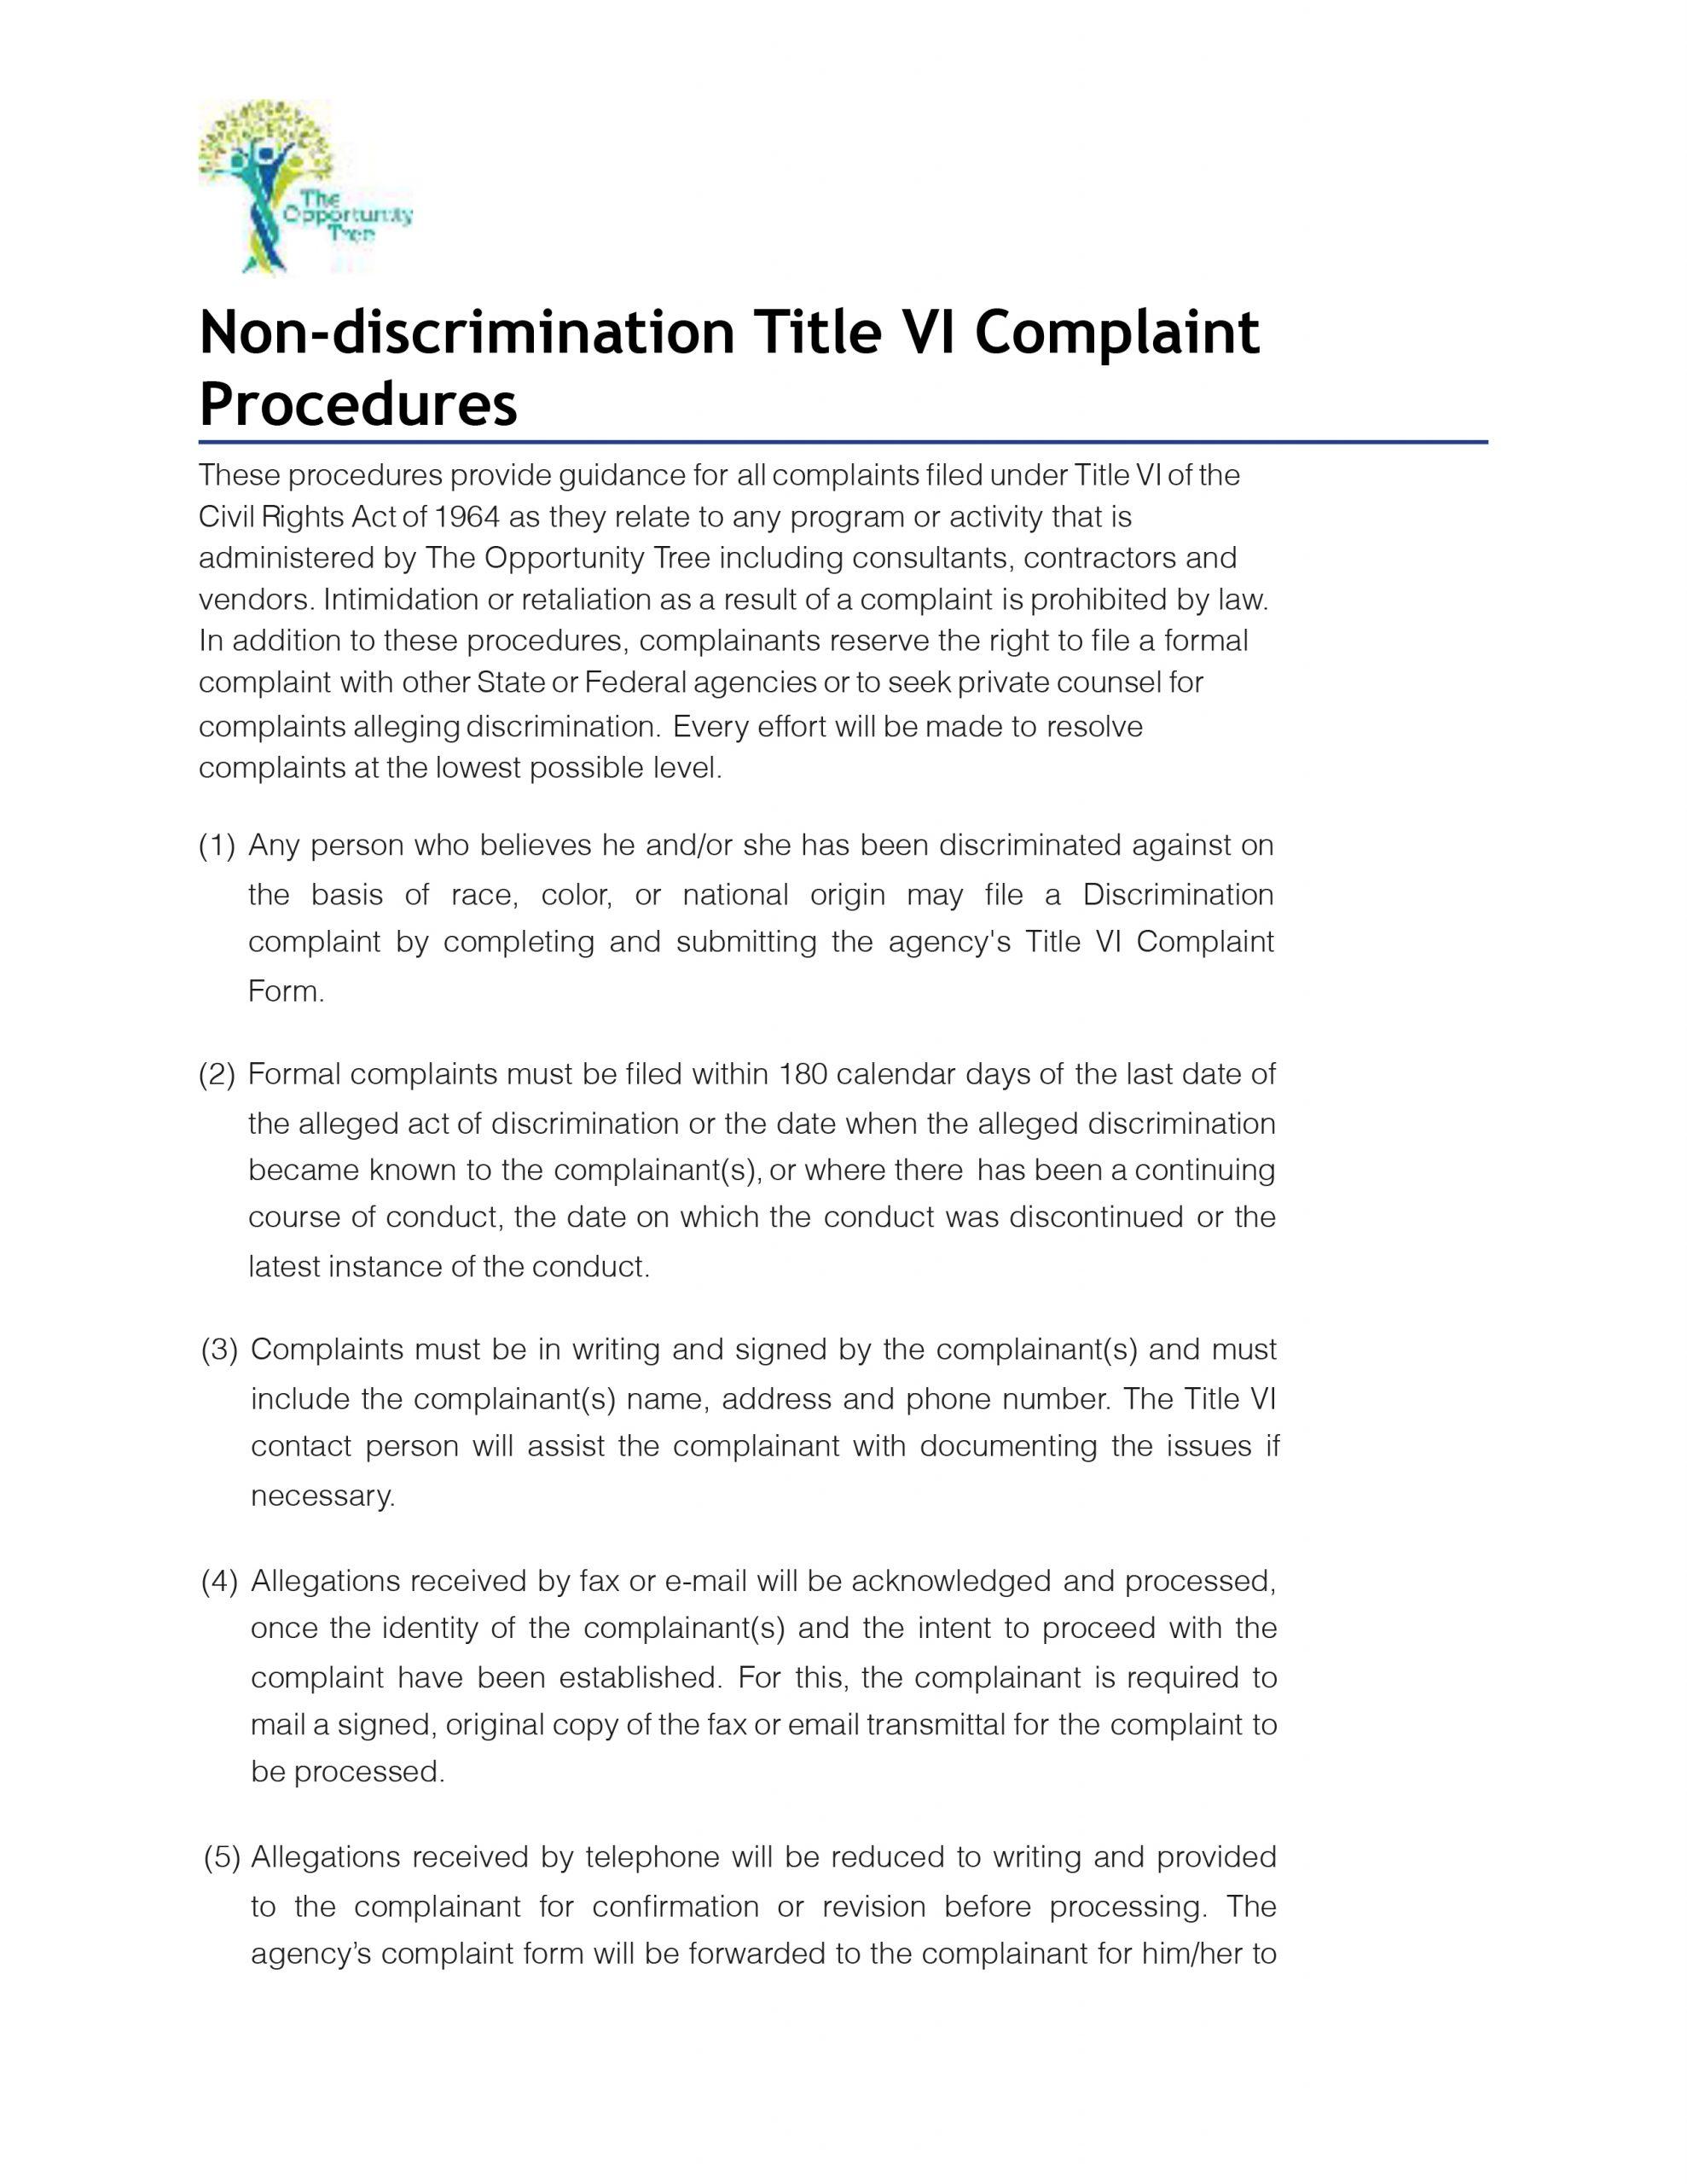 2-Title VI Complaint Procedure